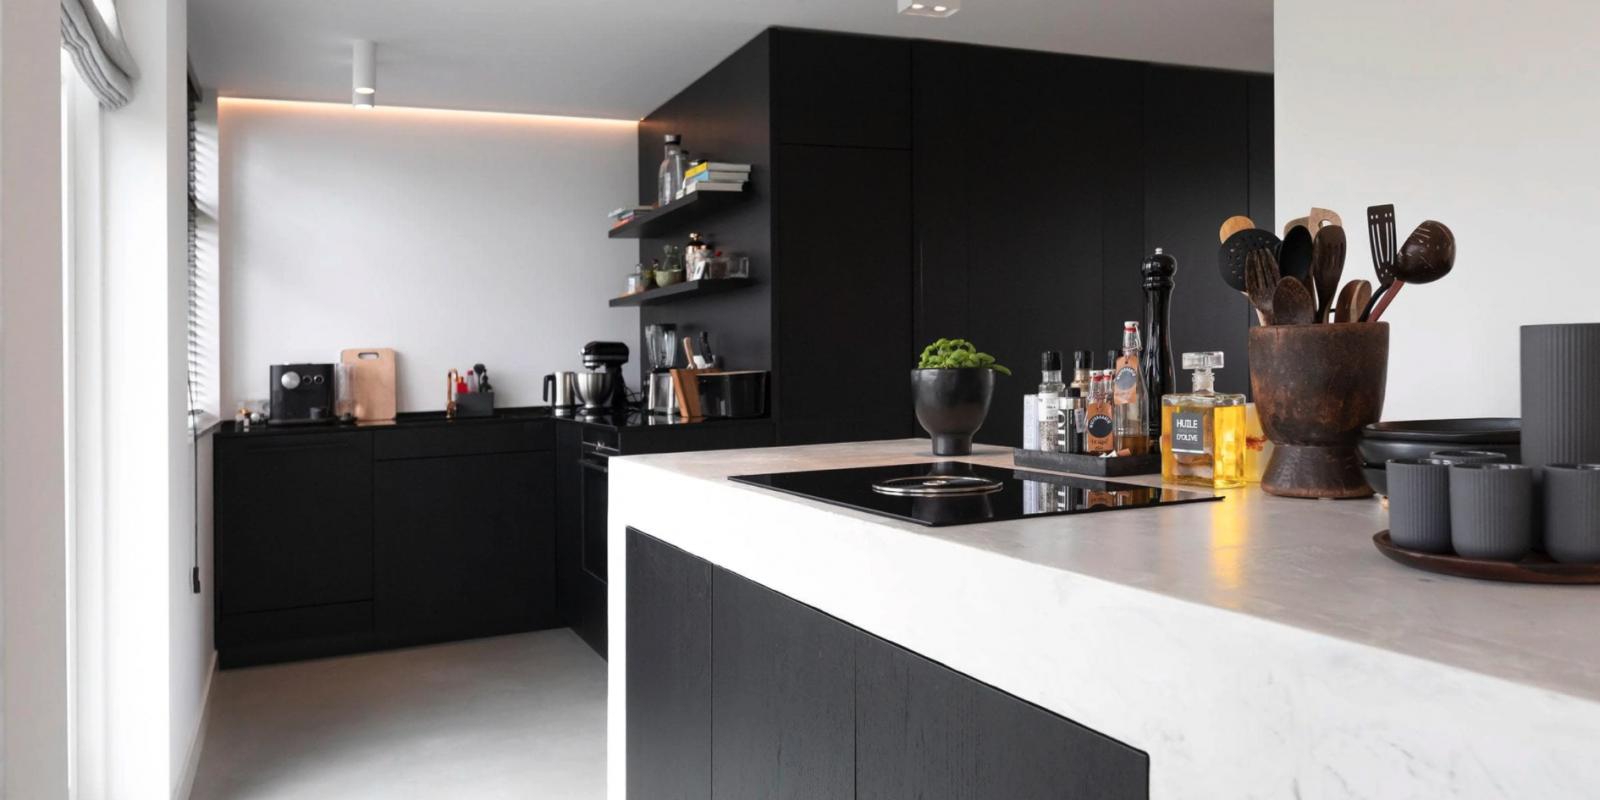 Keuken Op Maat Door Atelier 19 Rhoon